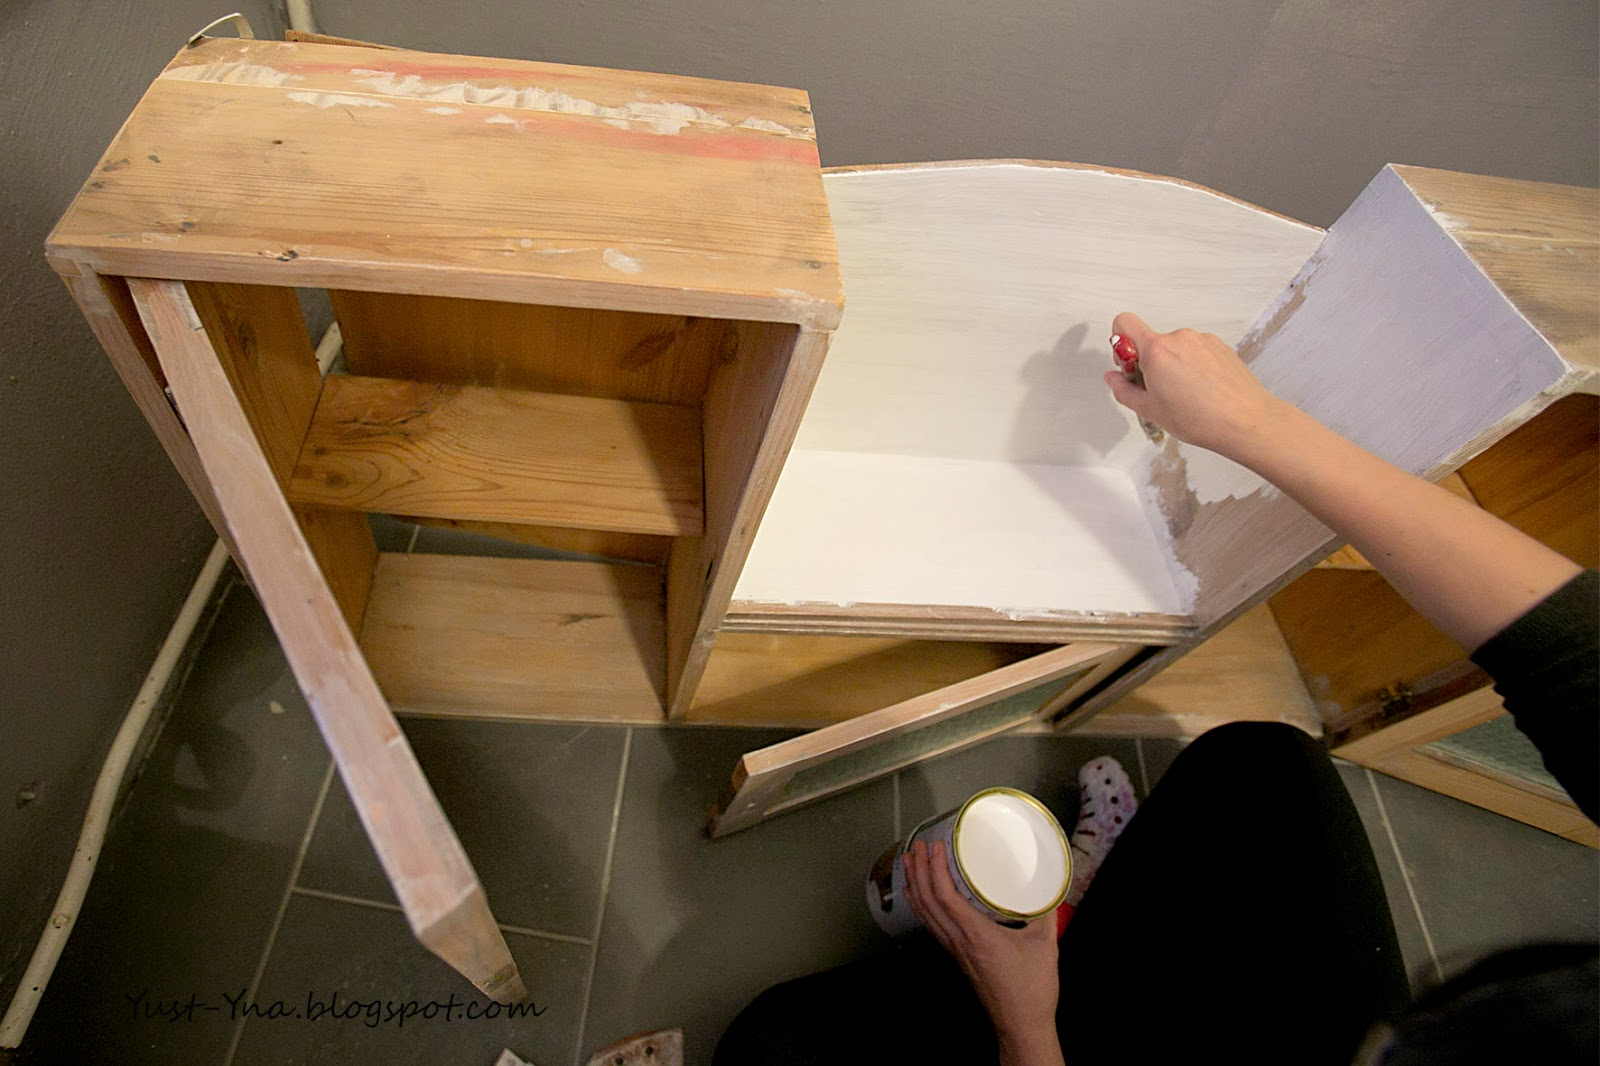 Pomysł na odnowienie drewnianych mebli